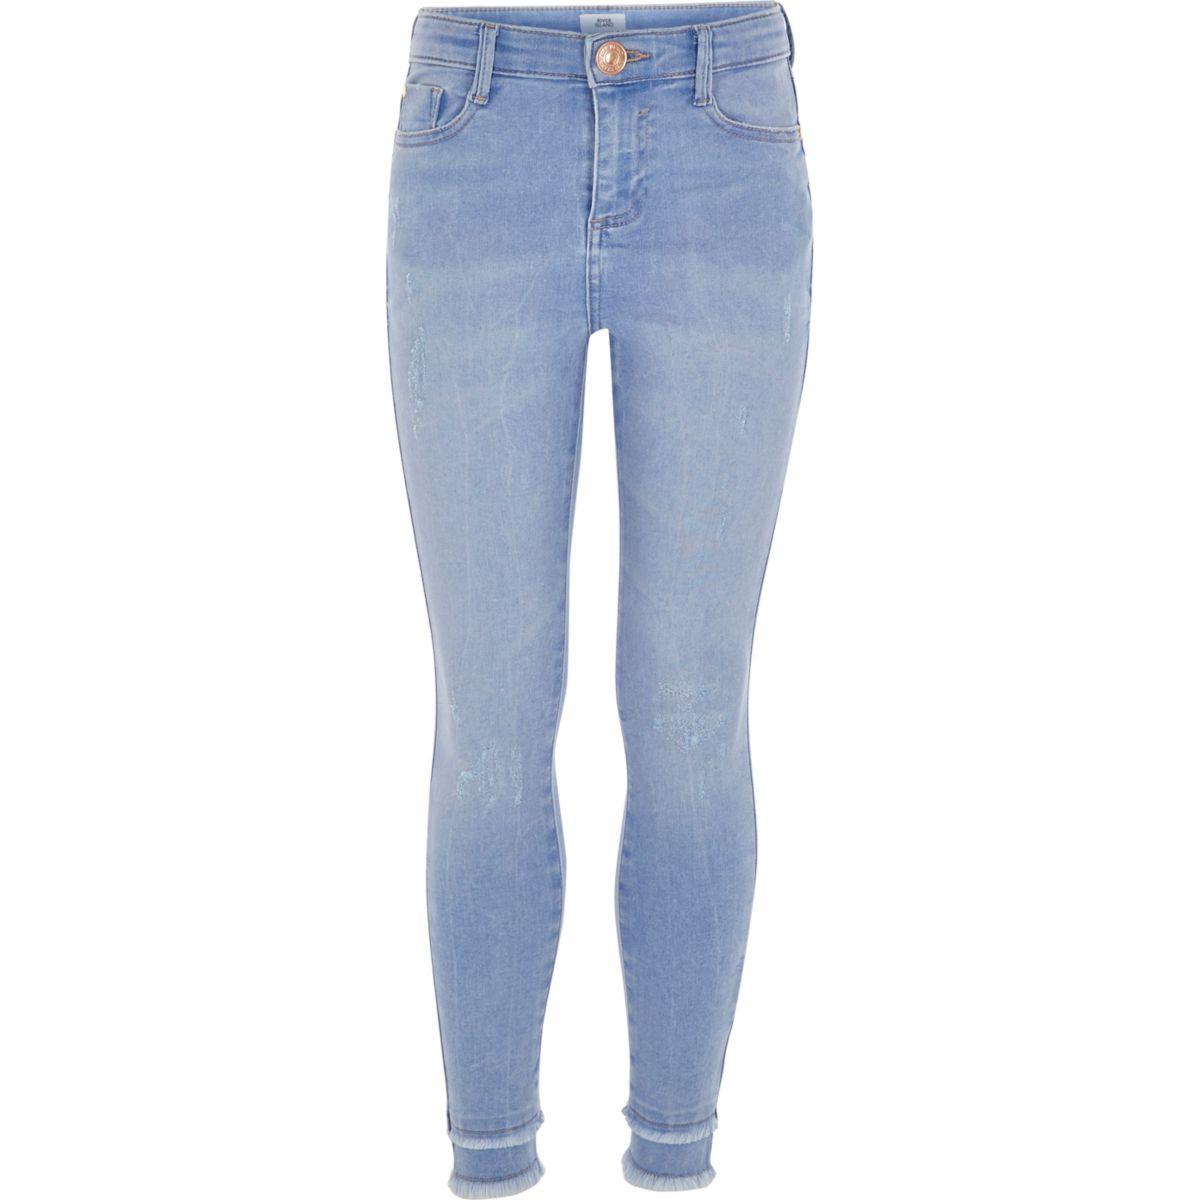 Schnelle Lieferung Zu Verkaufen Amelie - Mittelblaue Superskinny Jeans mit Fransensaum River Island Billig Verkauf 2018 Auslass Günstigsten Preis Größte Lieferant Für Verkauf zFZsB8Wy